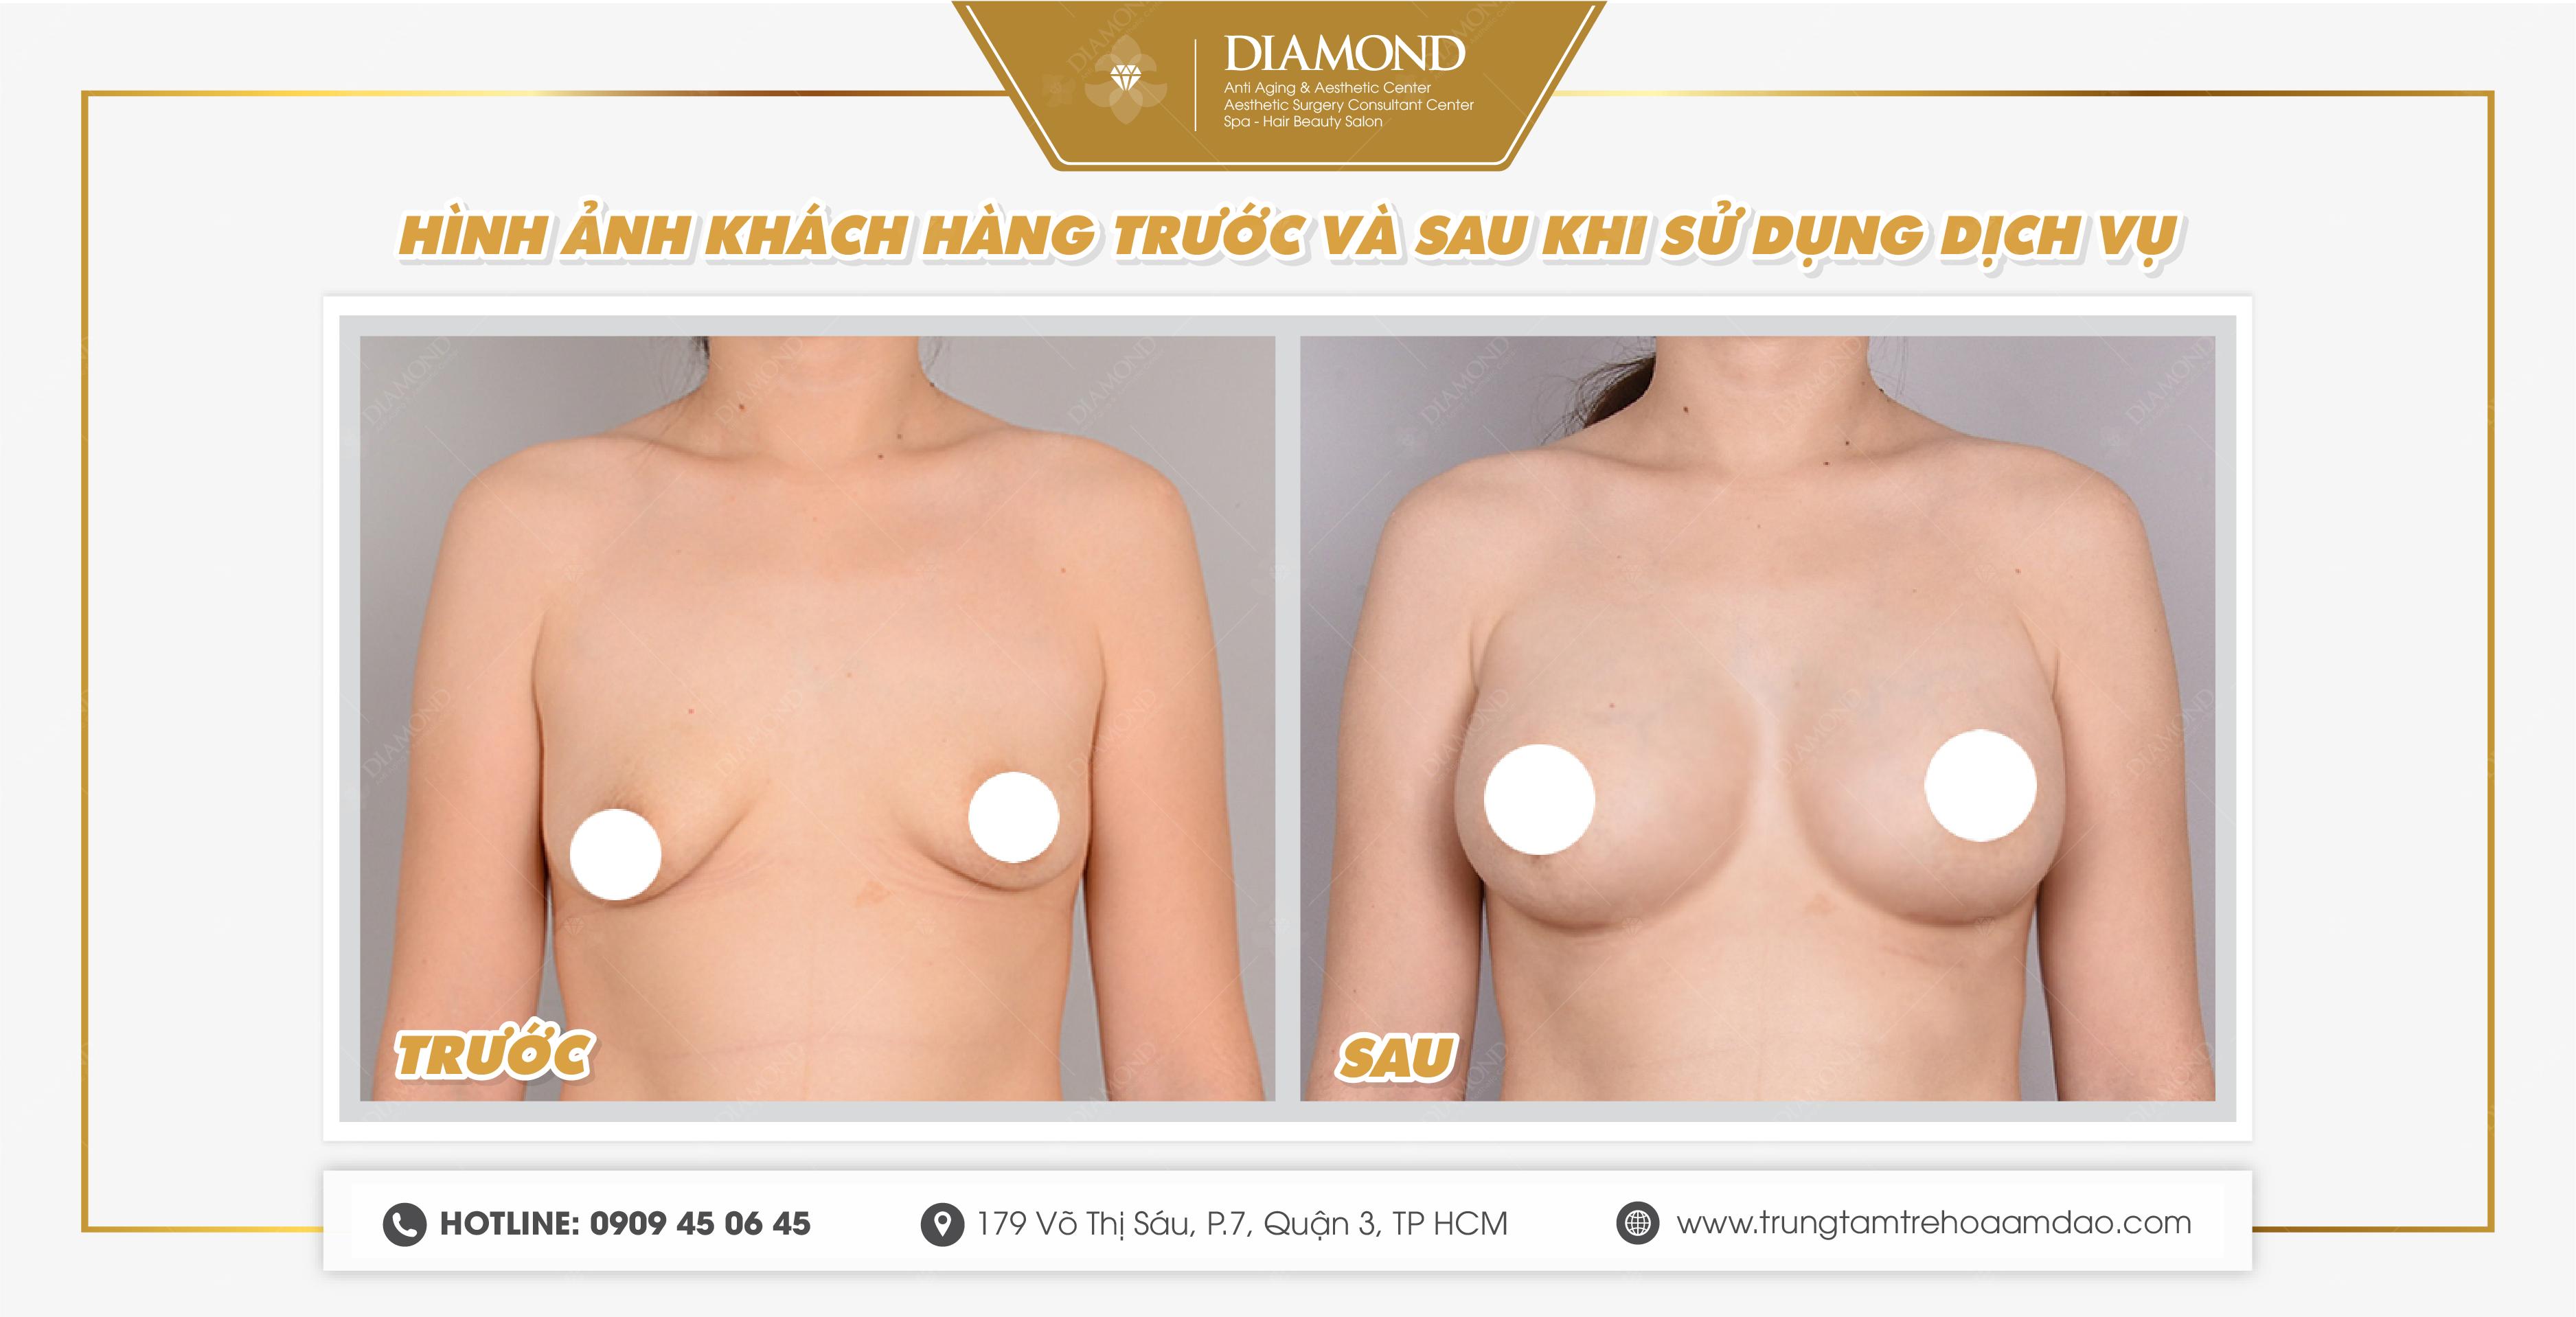 Hình ảnh trước và sau khi thẩm mỹ ngực